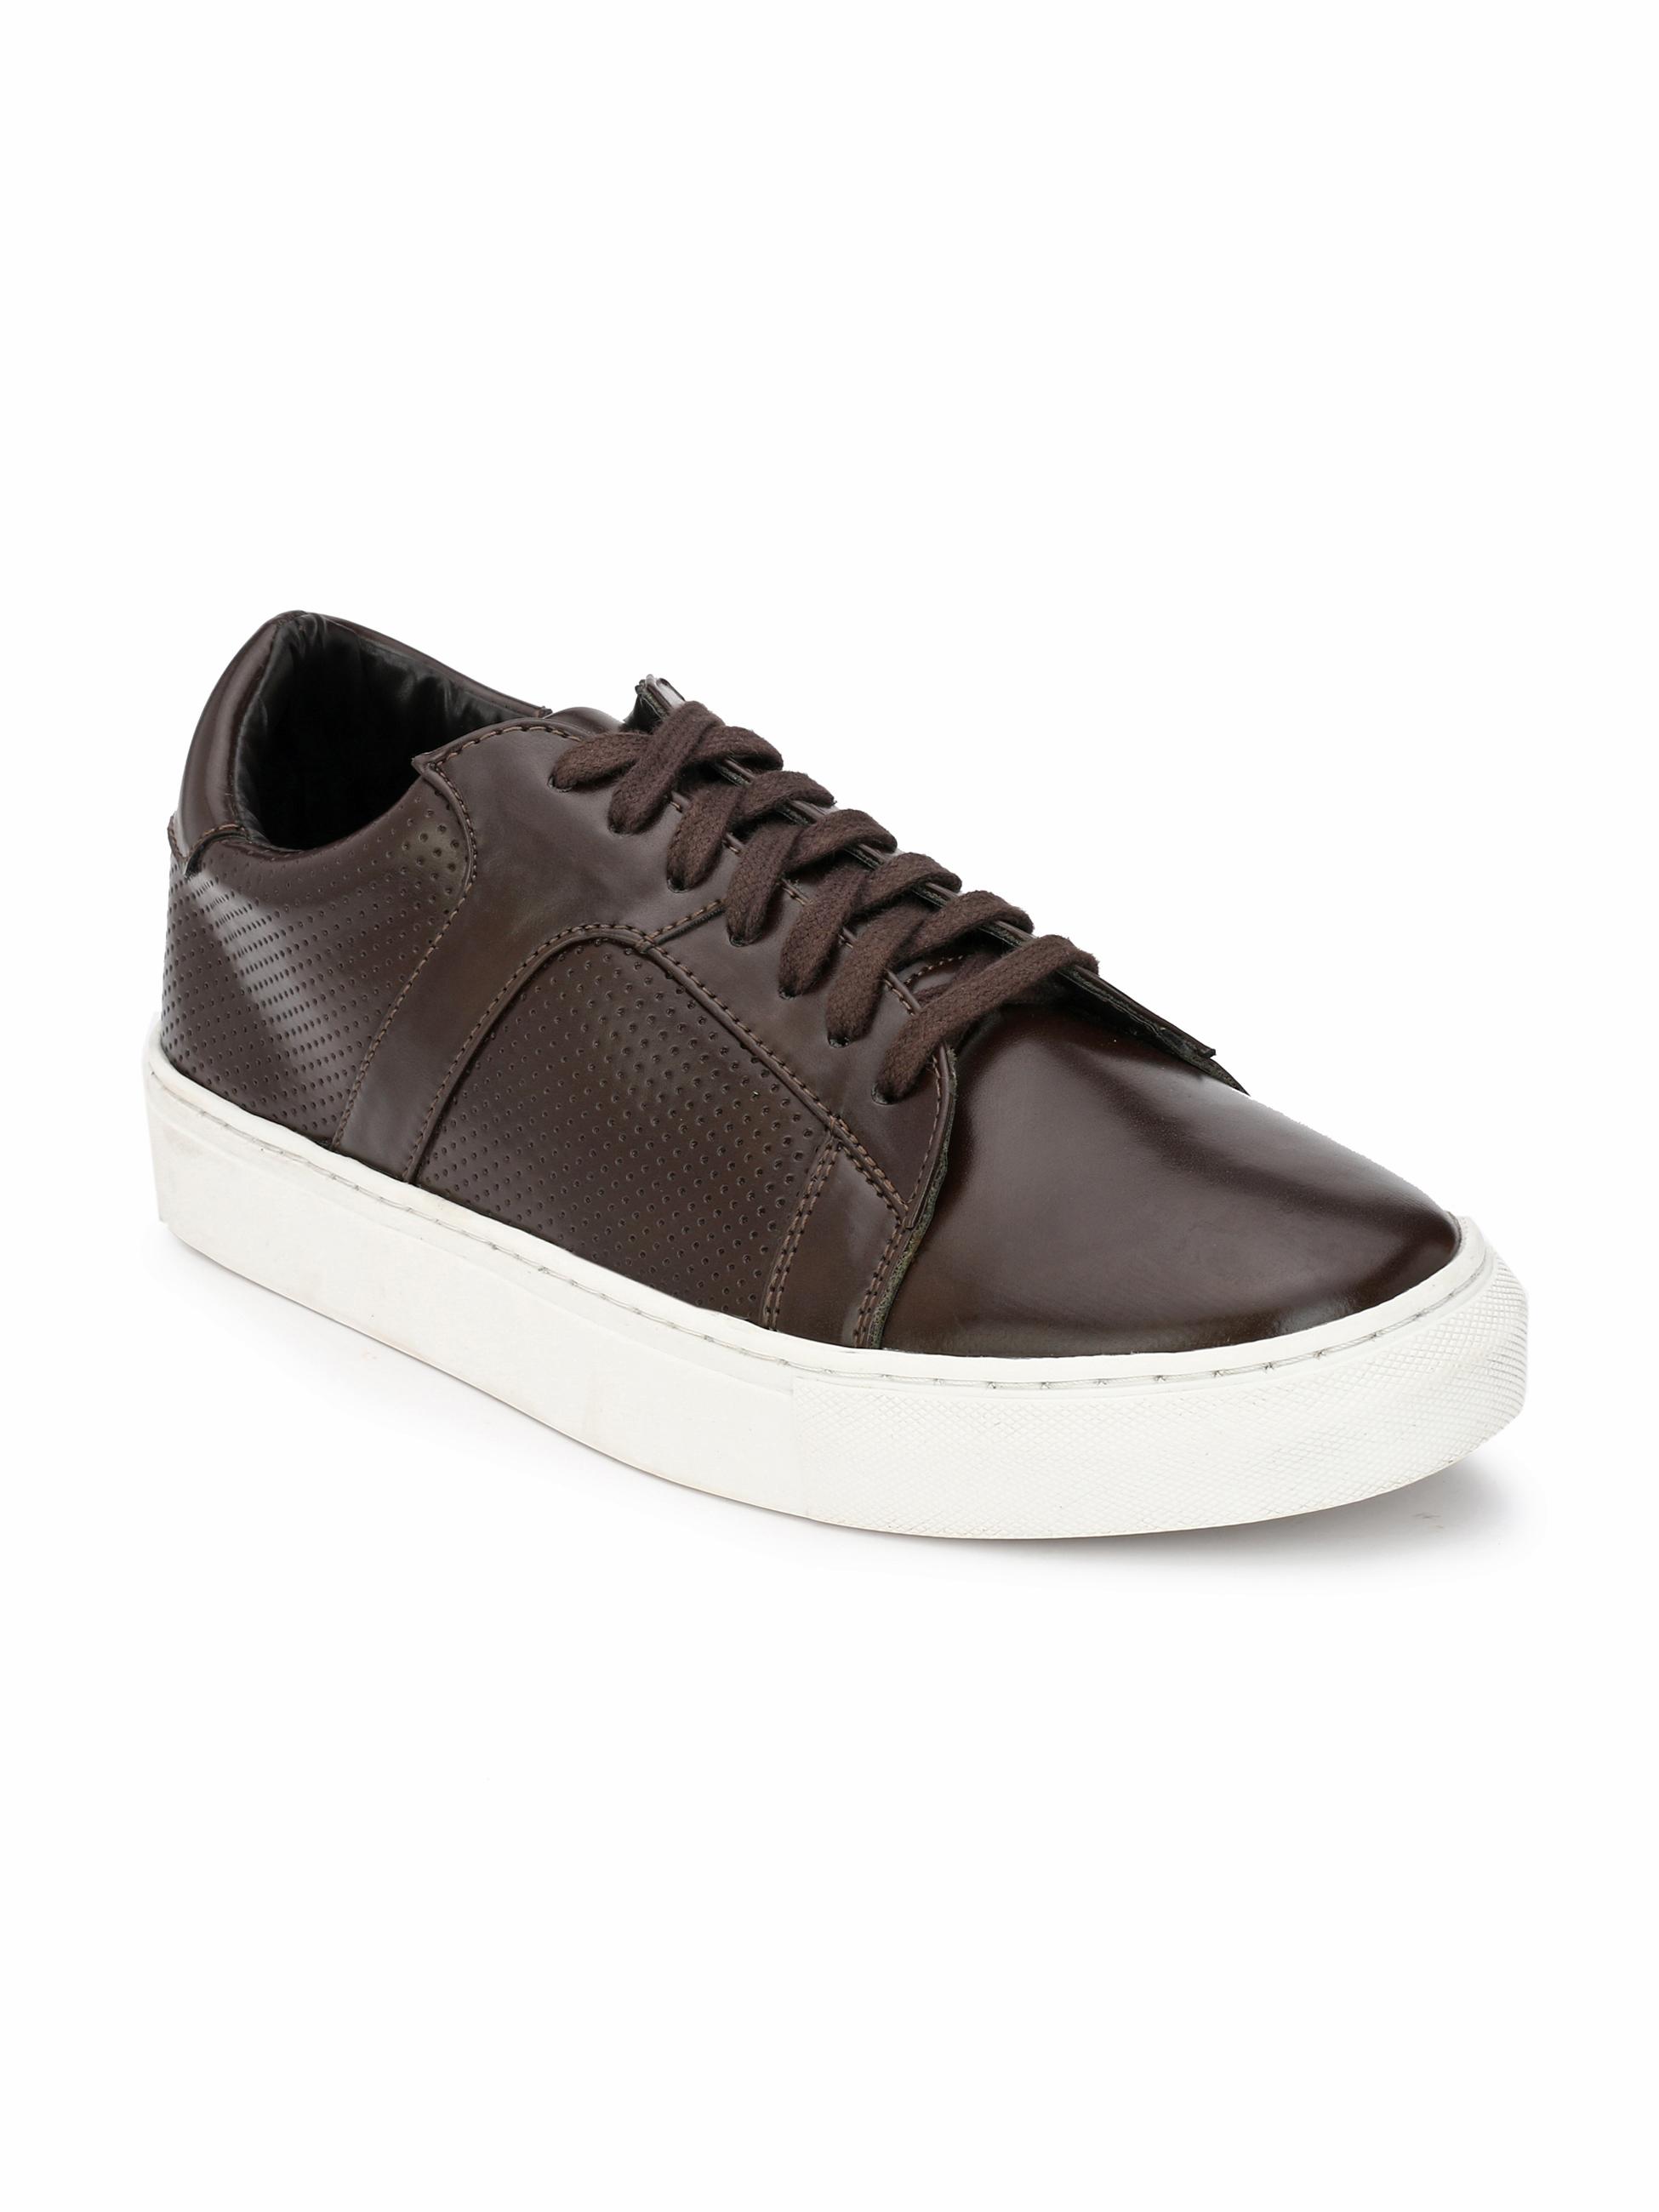 AADY AUSTIN | Aady Austin Hepner Sneakers - Brown